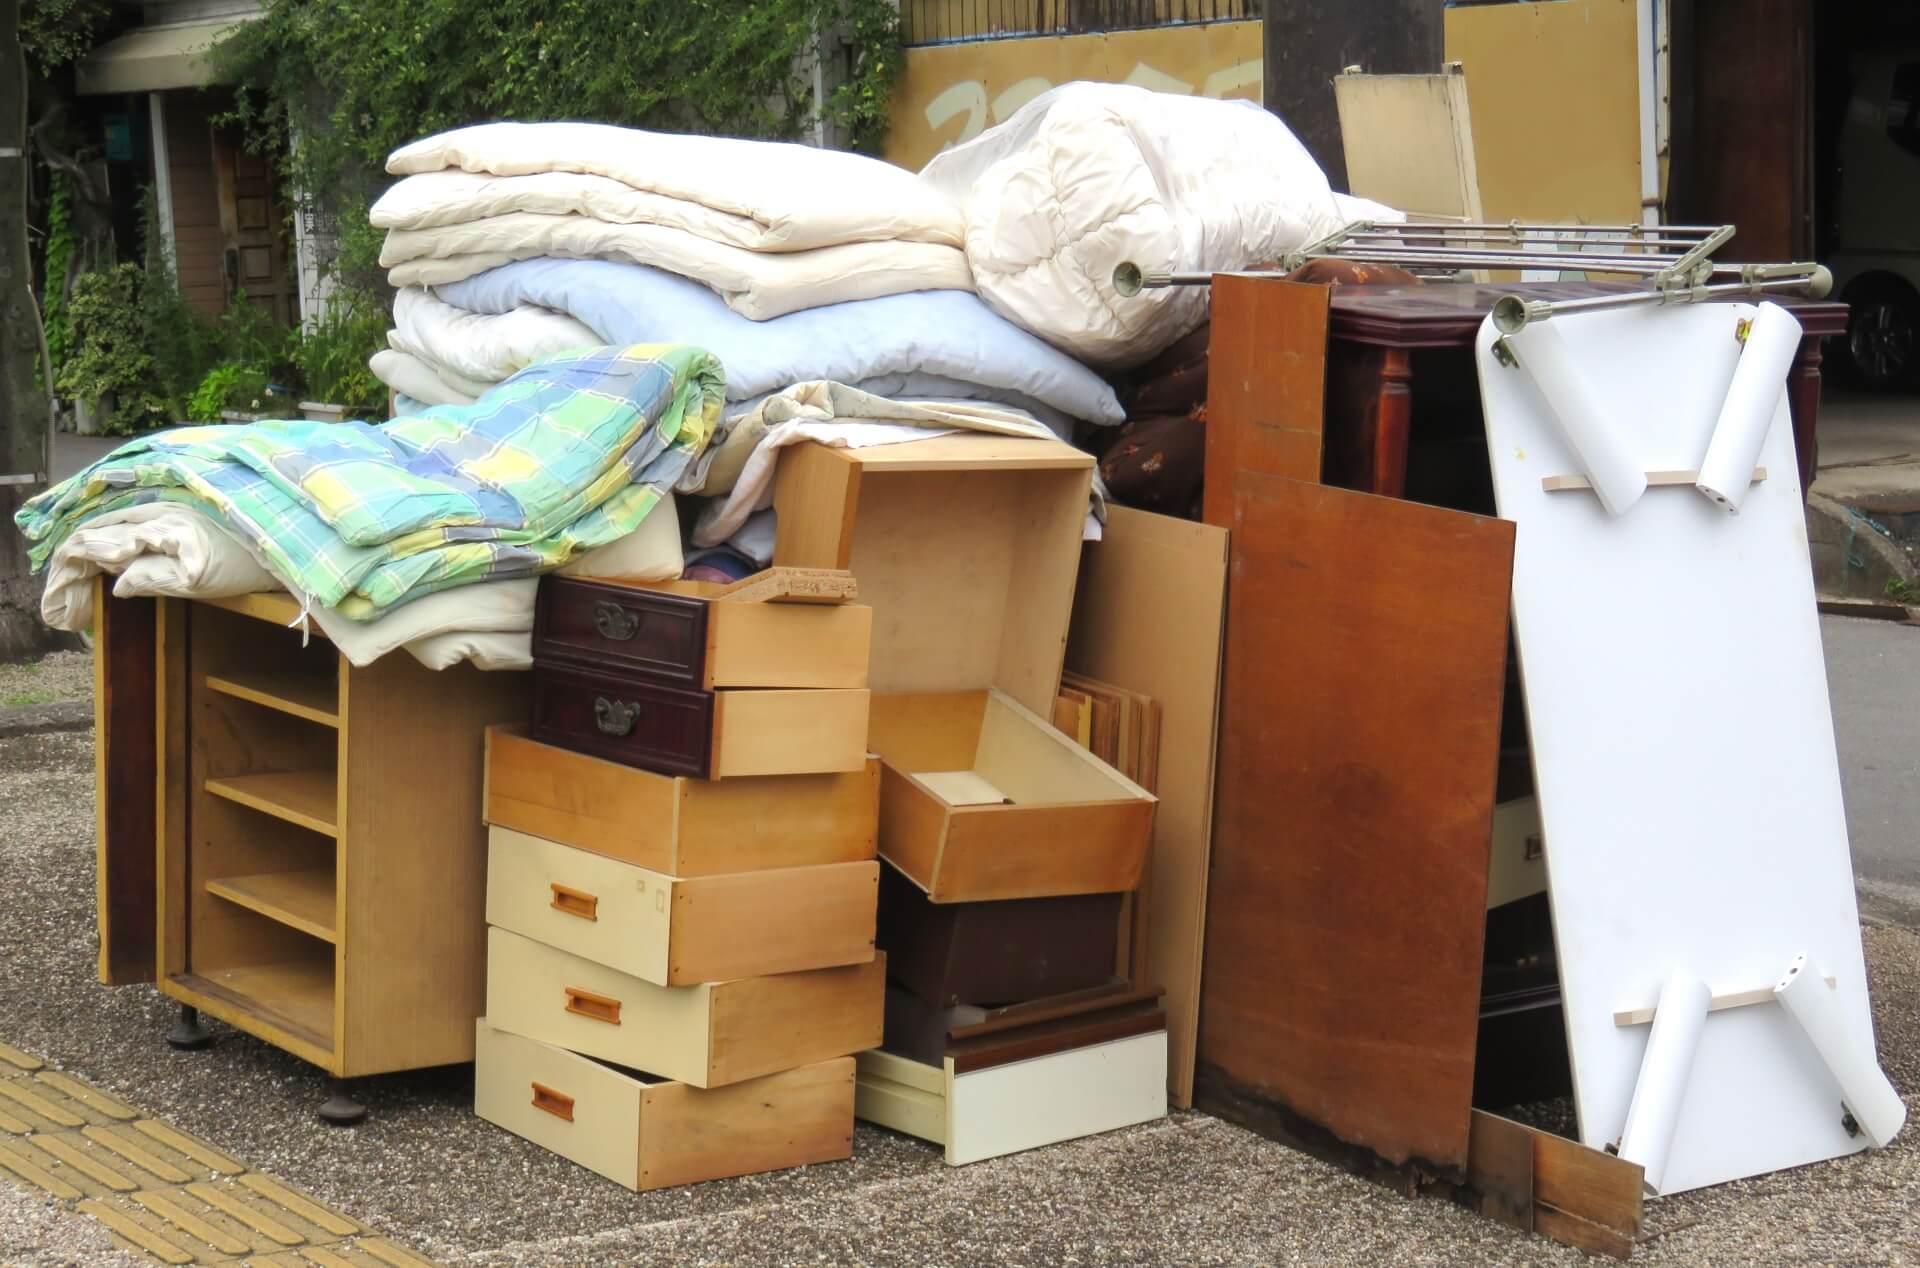 スーツケースを粗大ごみとして捨てる。布団やタンスが山のように積み上げられている